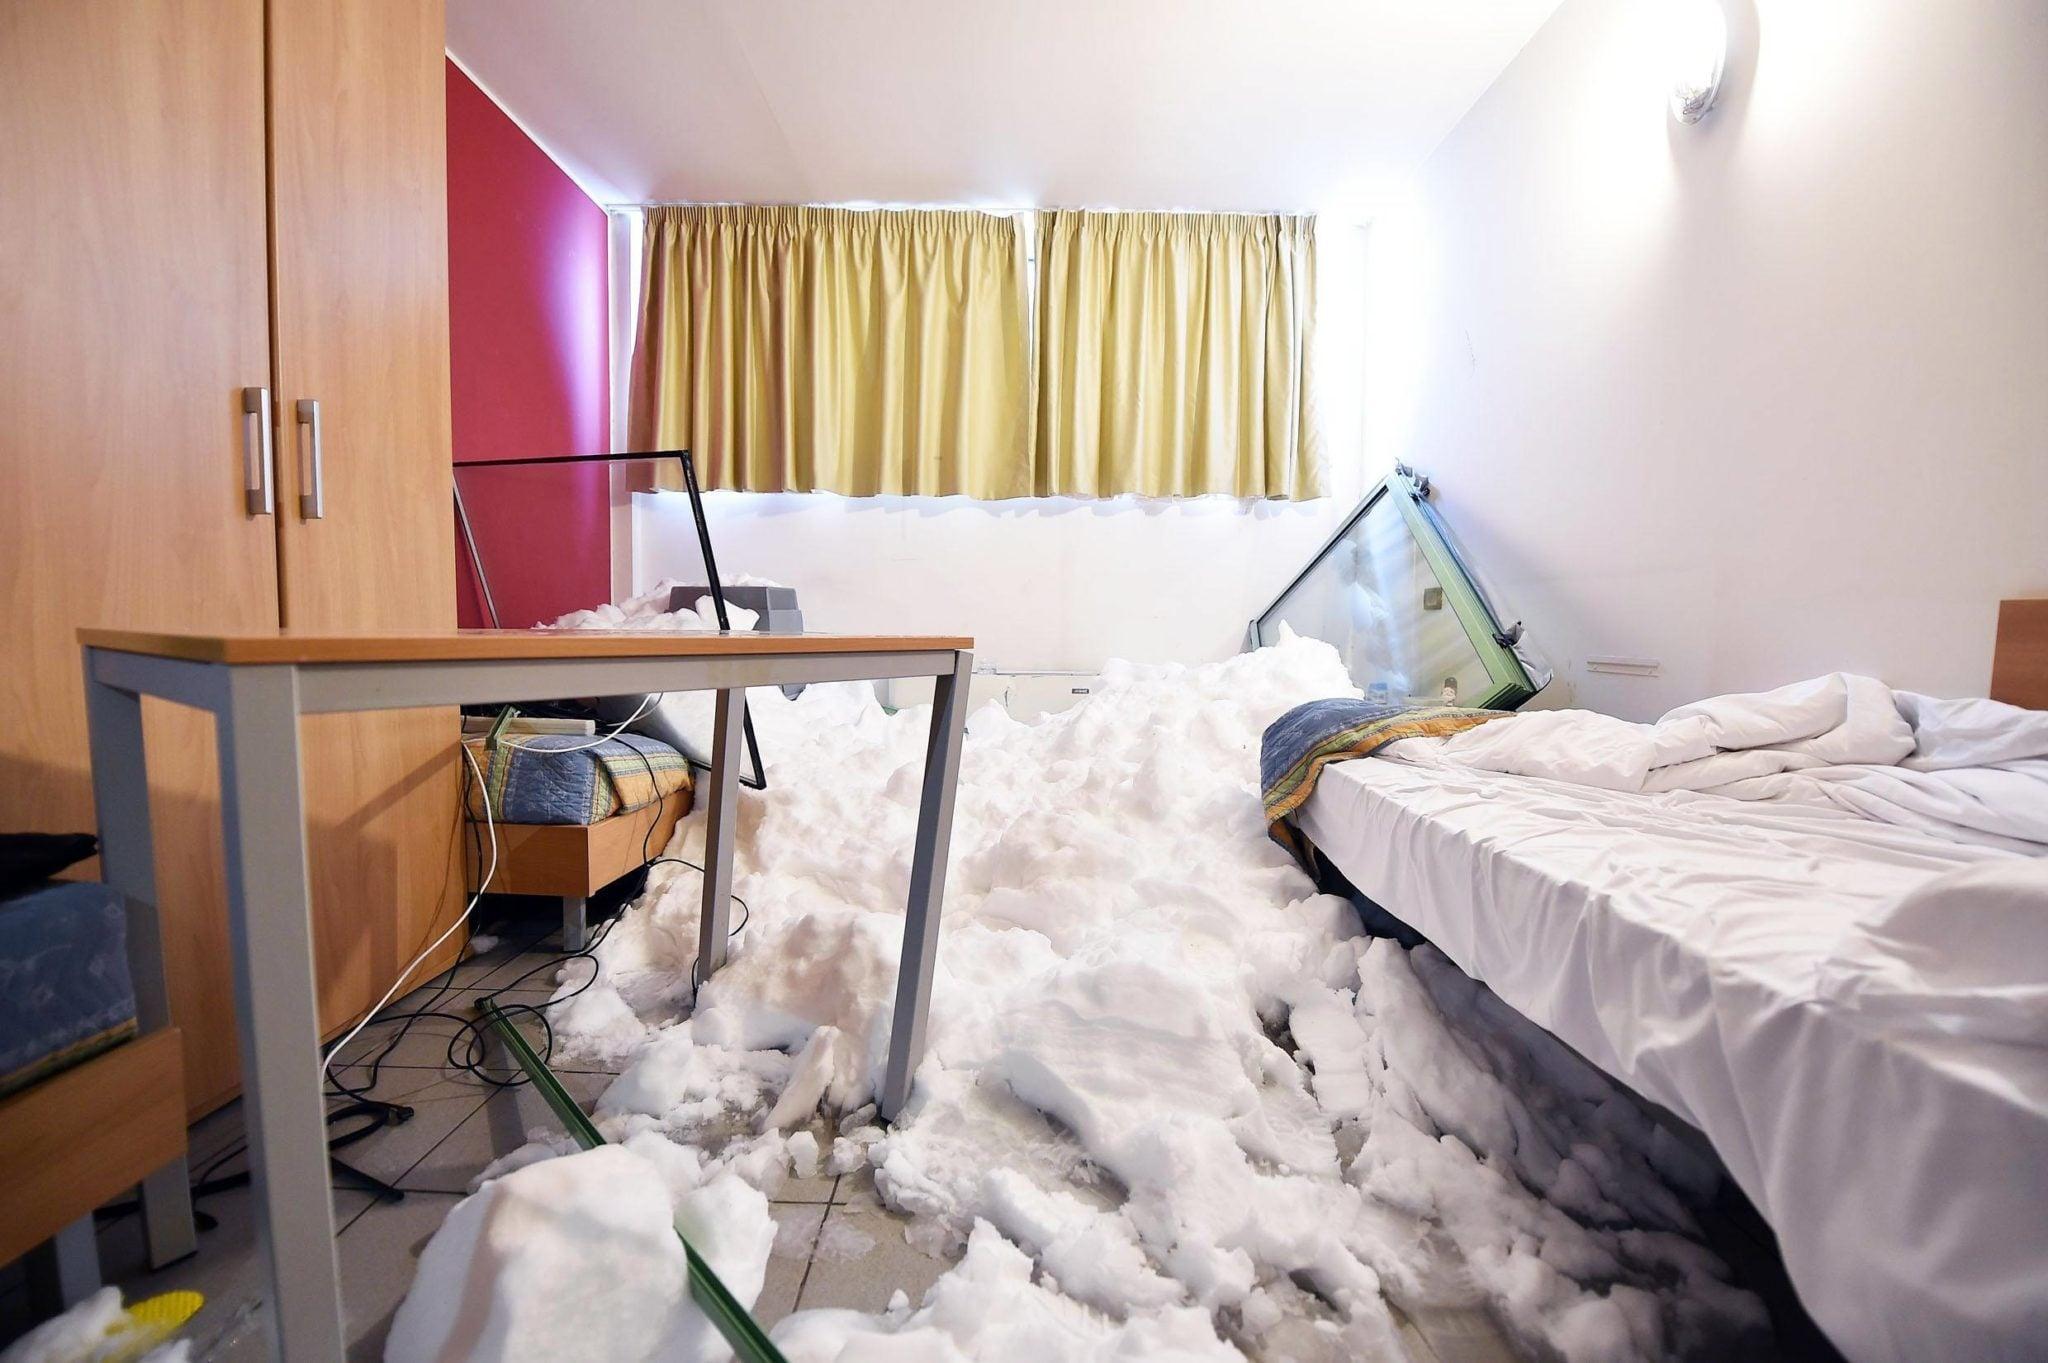 Włochy: lawina w Sestriere. Zejście lawiny w na skutek wysokich opadów śniegów w północnych Włoszech miała miejsce w wiosce olimpijskiej w Sestriere. 29 osób zostało ewakuowanych, nikt nie został ranny. fot. Alessandro Di Marco, PAP/EPA